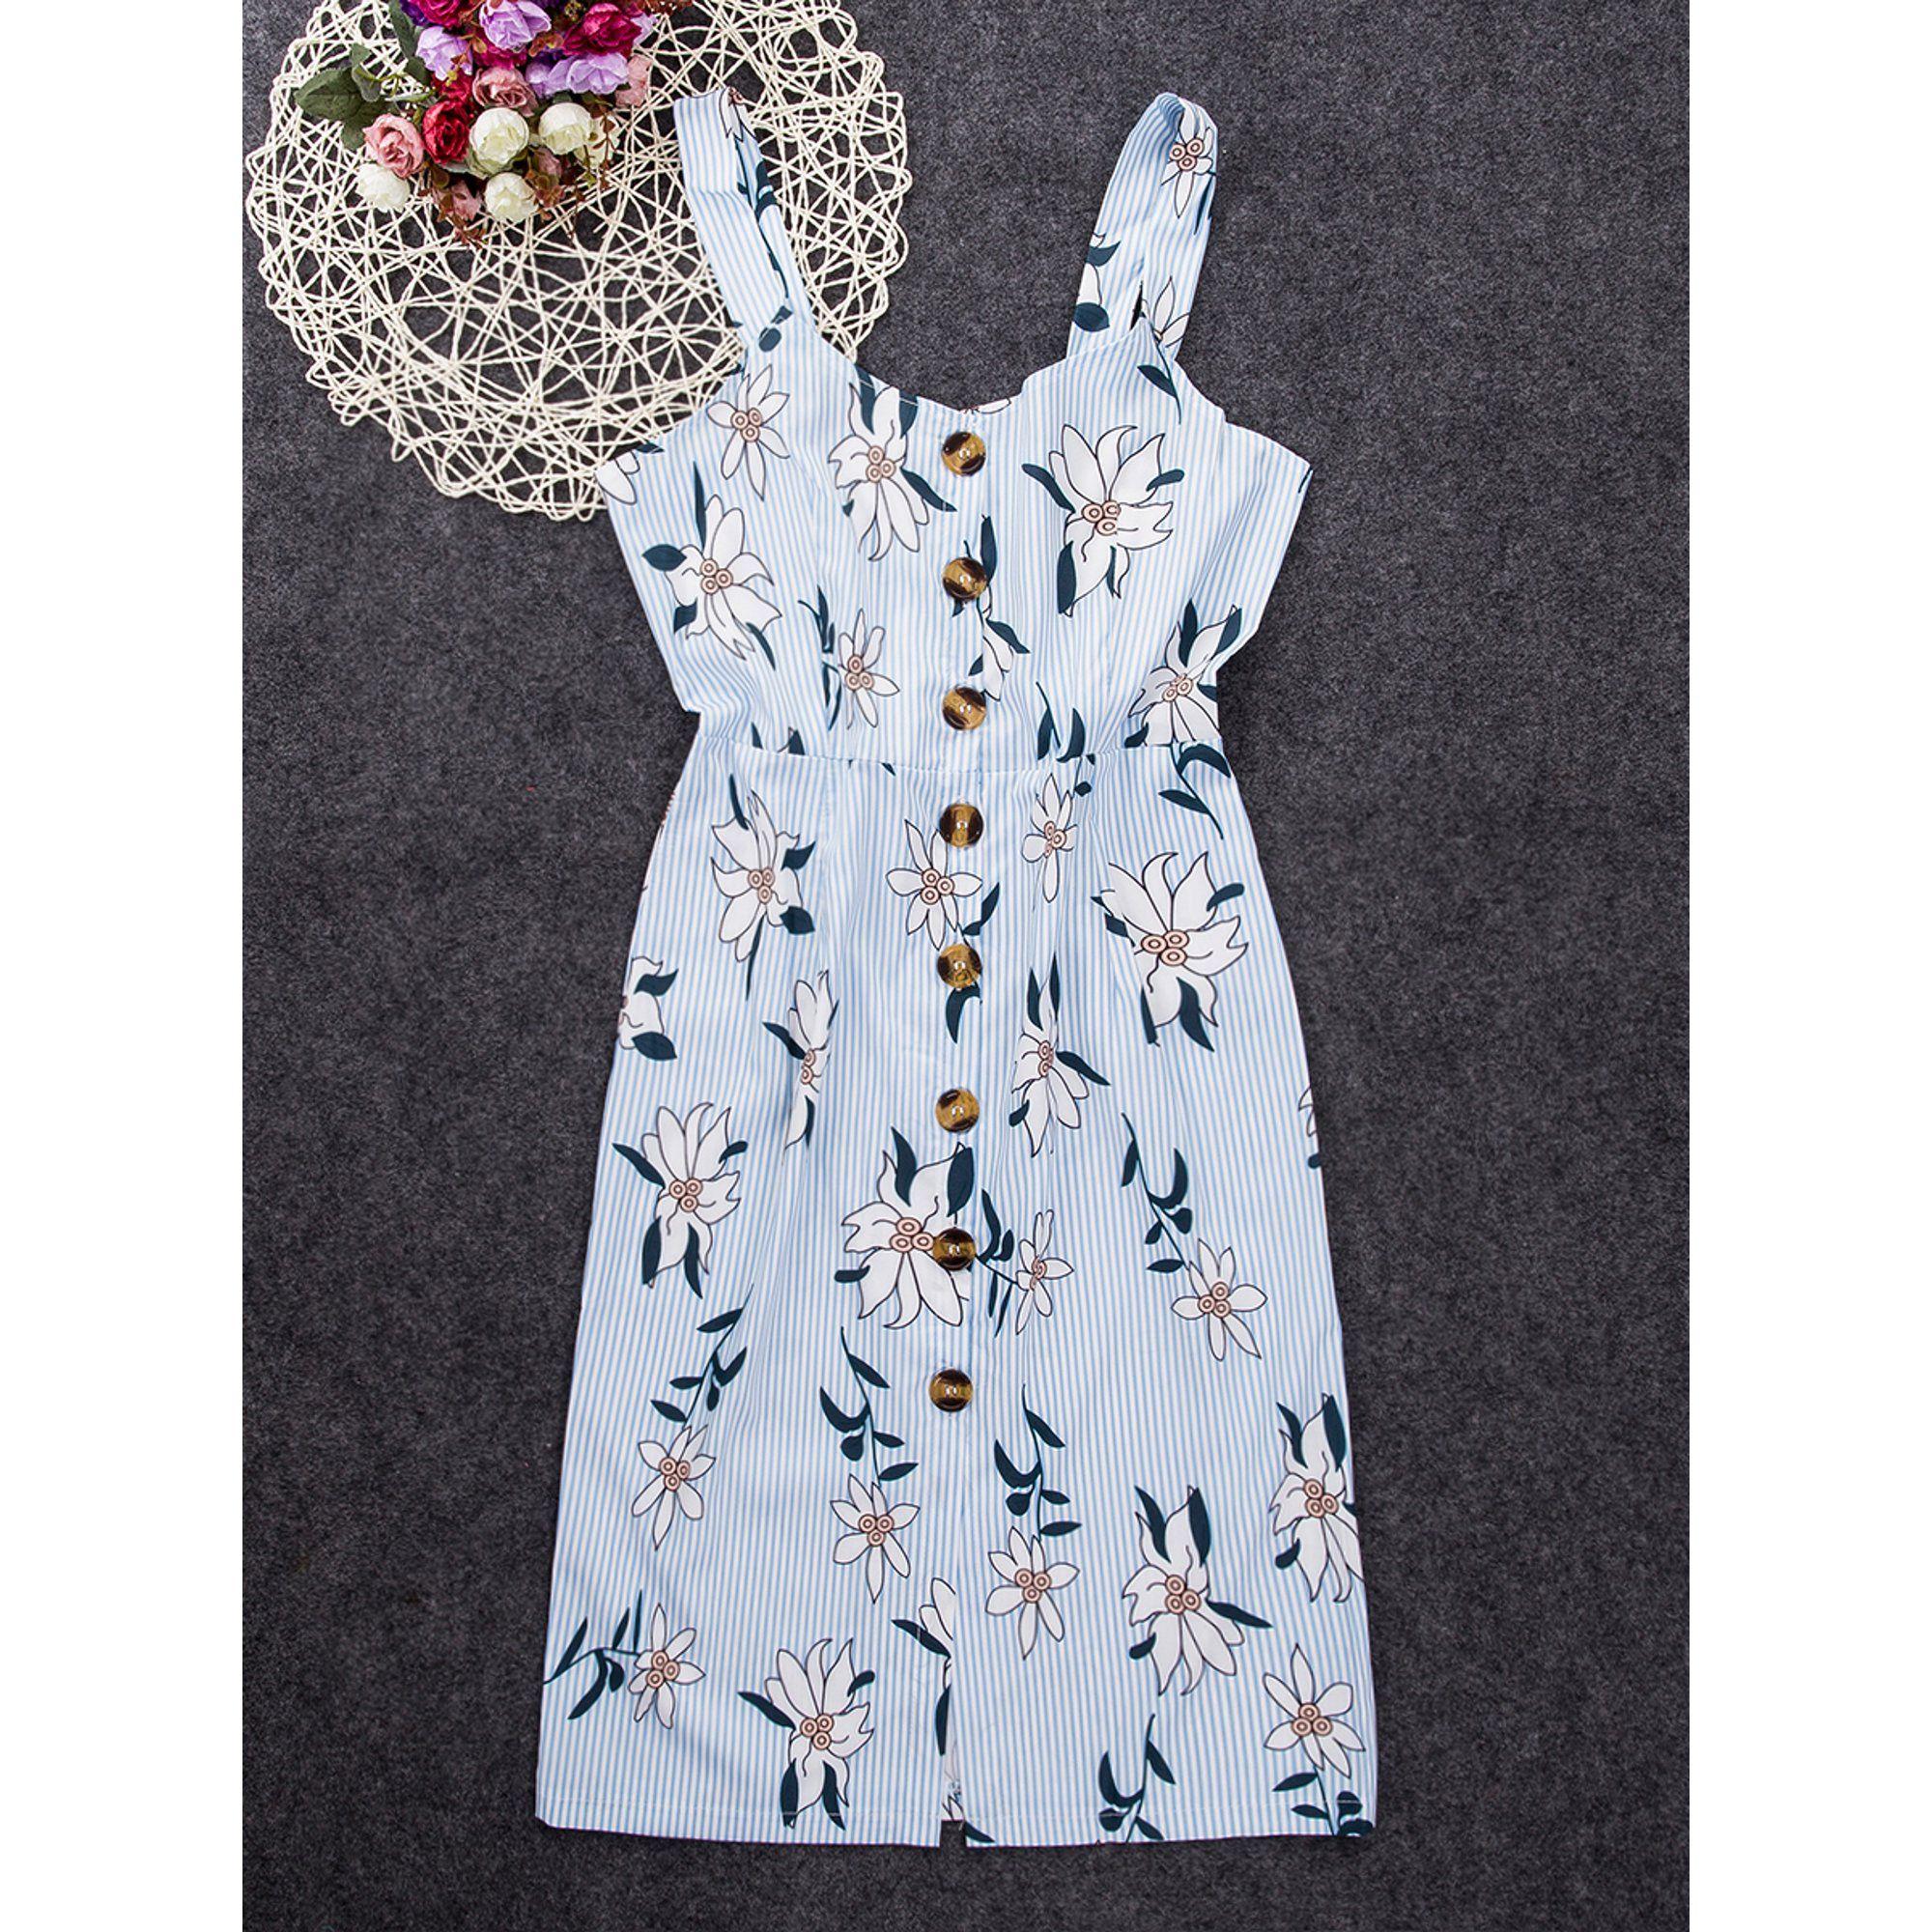 Focusnorm Focusnorm Women Sleeveless Button Bodycon Floral Sundress Summer Midi Dress Walmart Com Walmart Com Midi Dress Summer Dresses Sundress Summer [ 2000 x 2000 Pixel ]